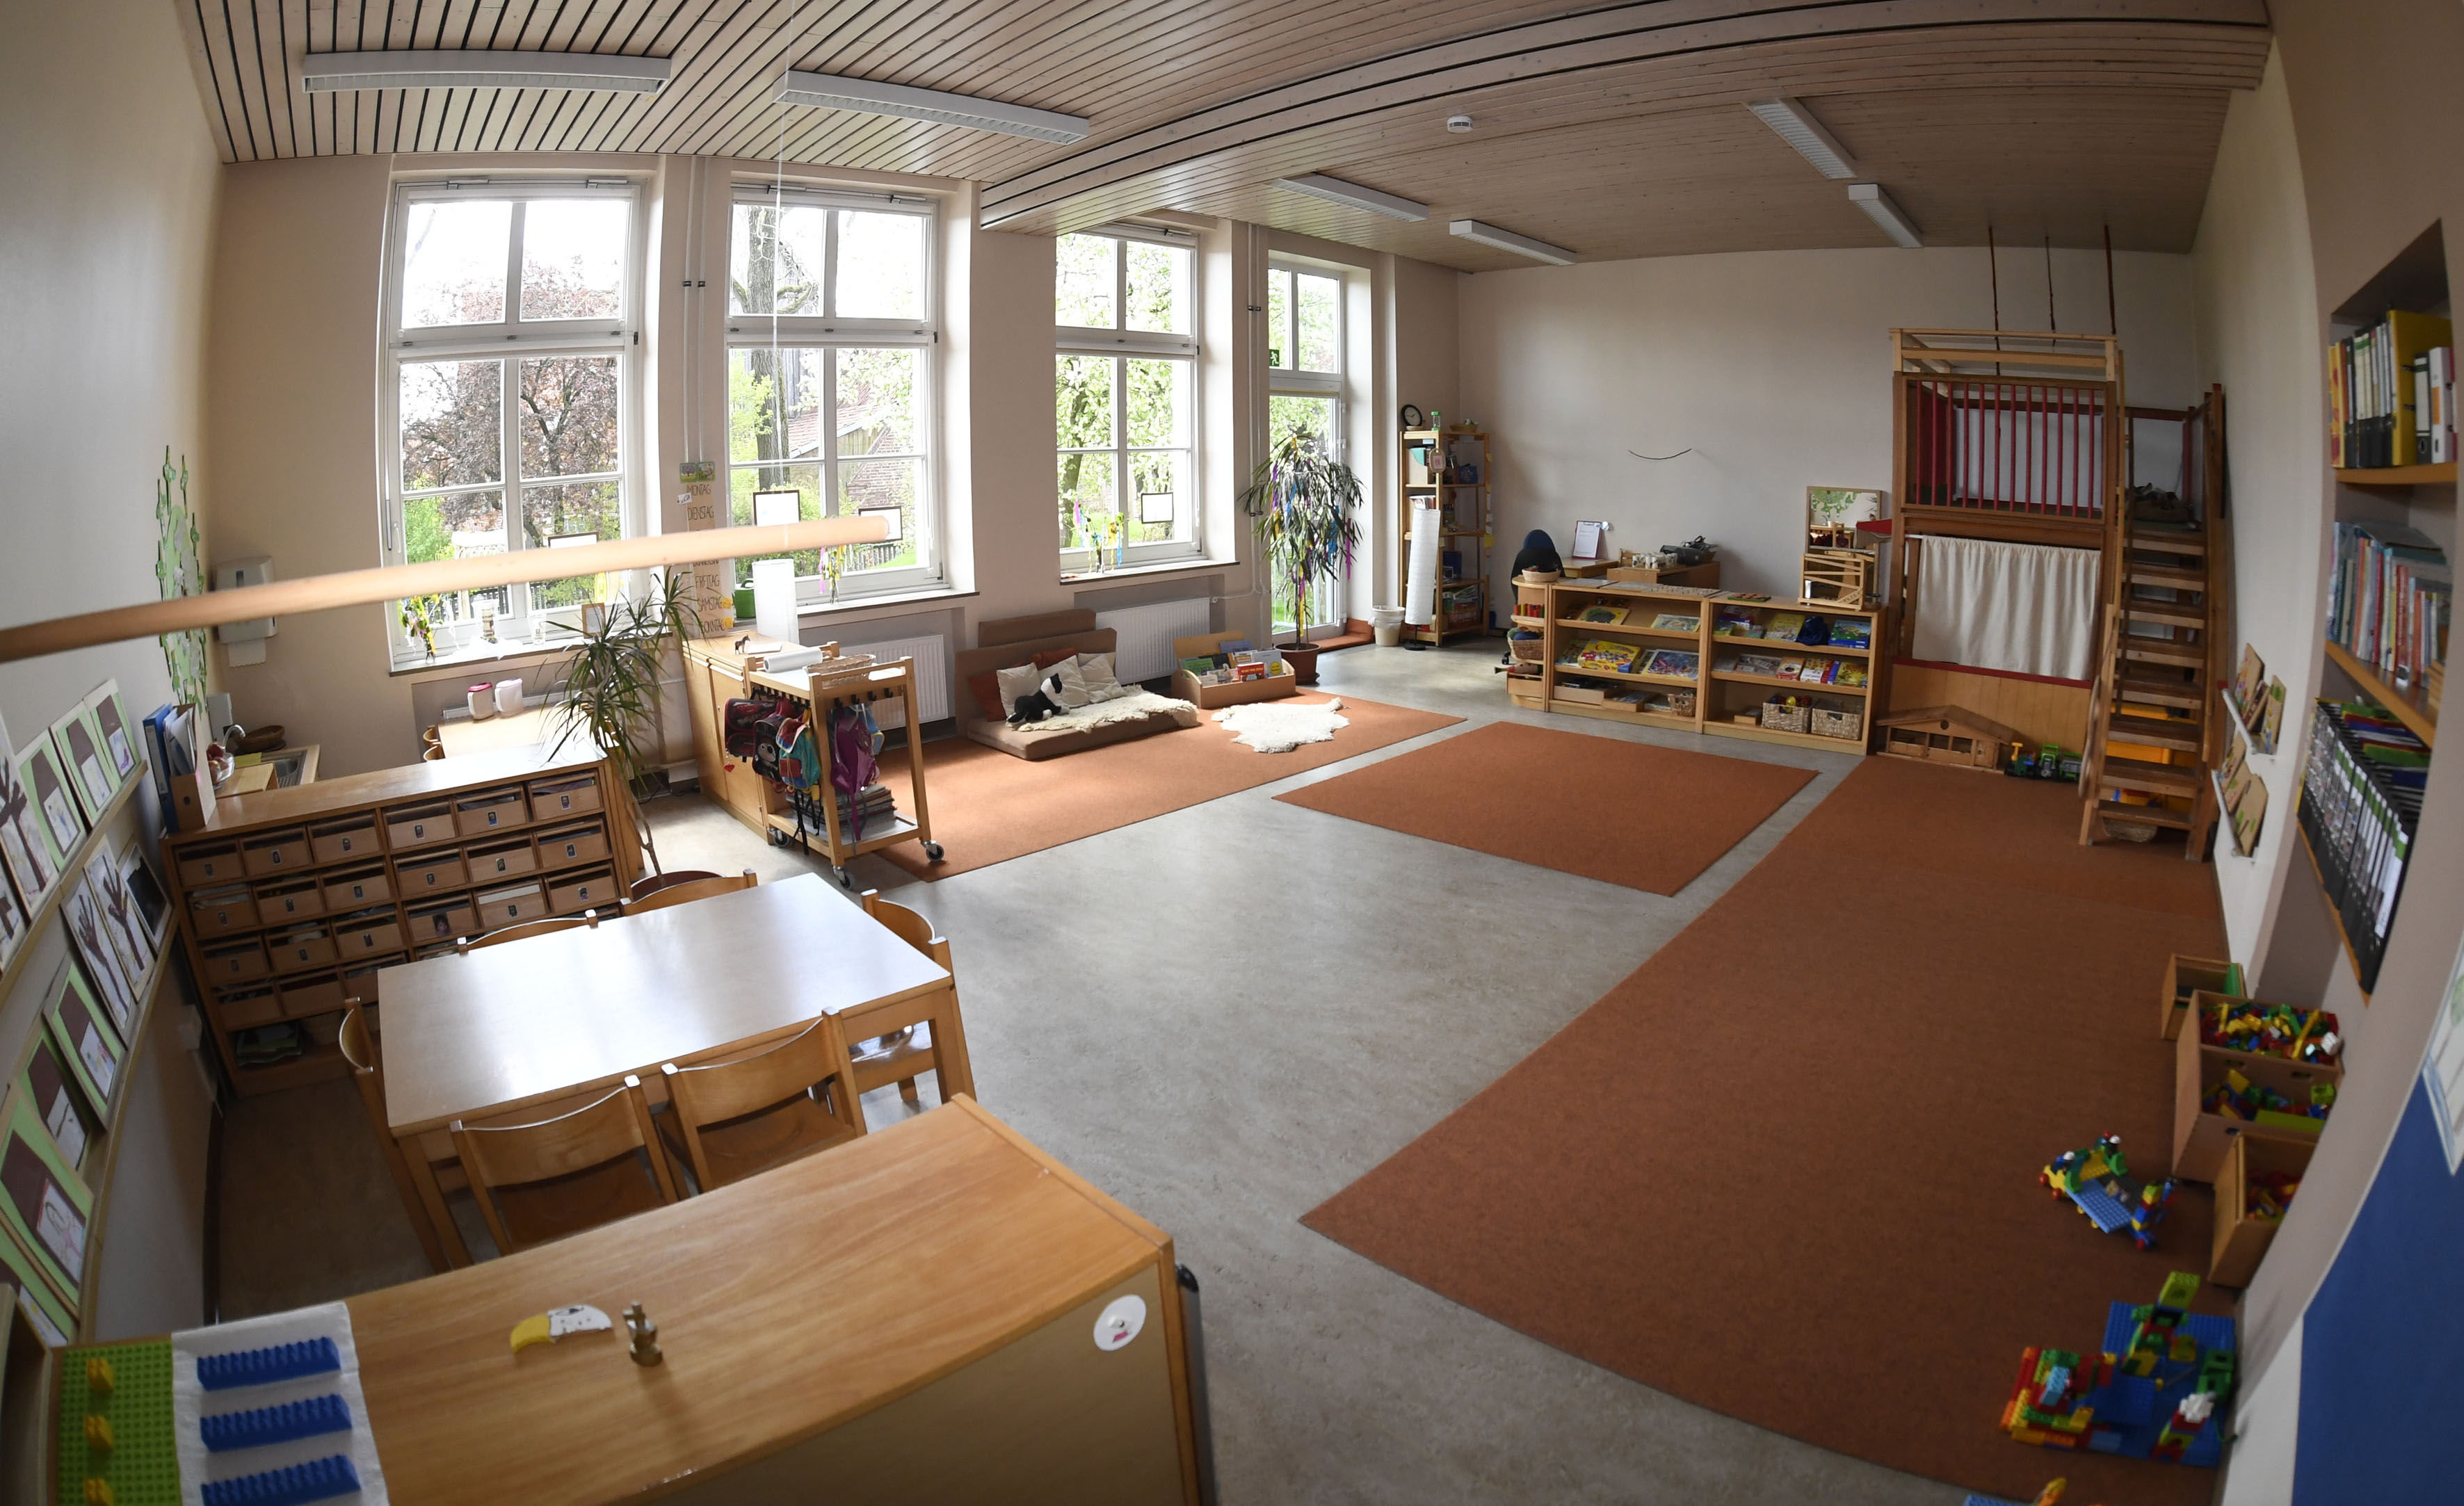 R ume und spielbereiche unsere kita kindergarten st for Raumgestaltung in der kita